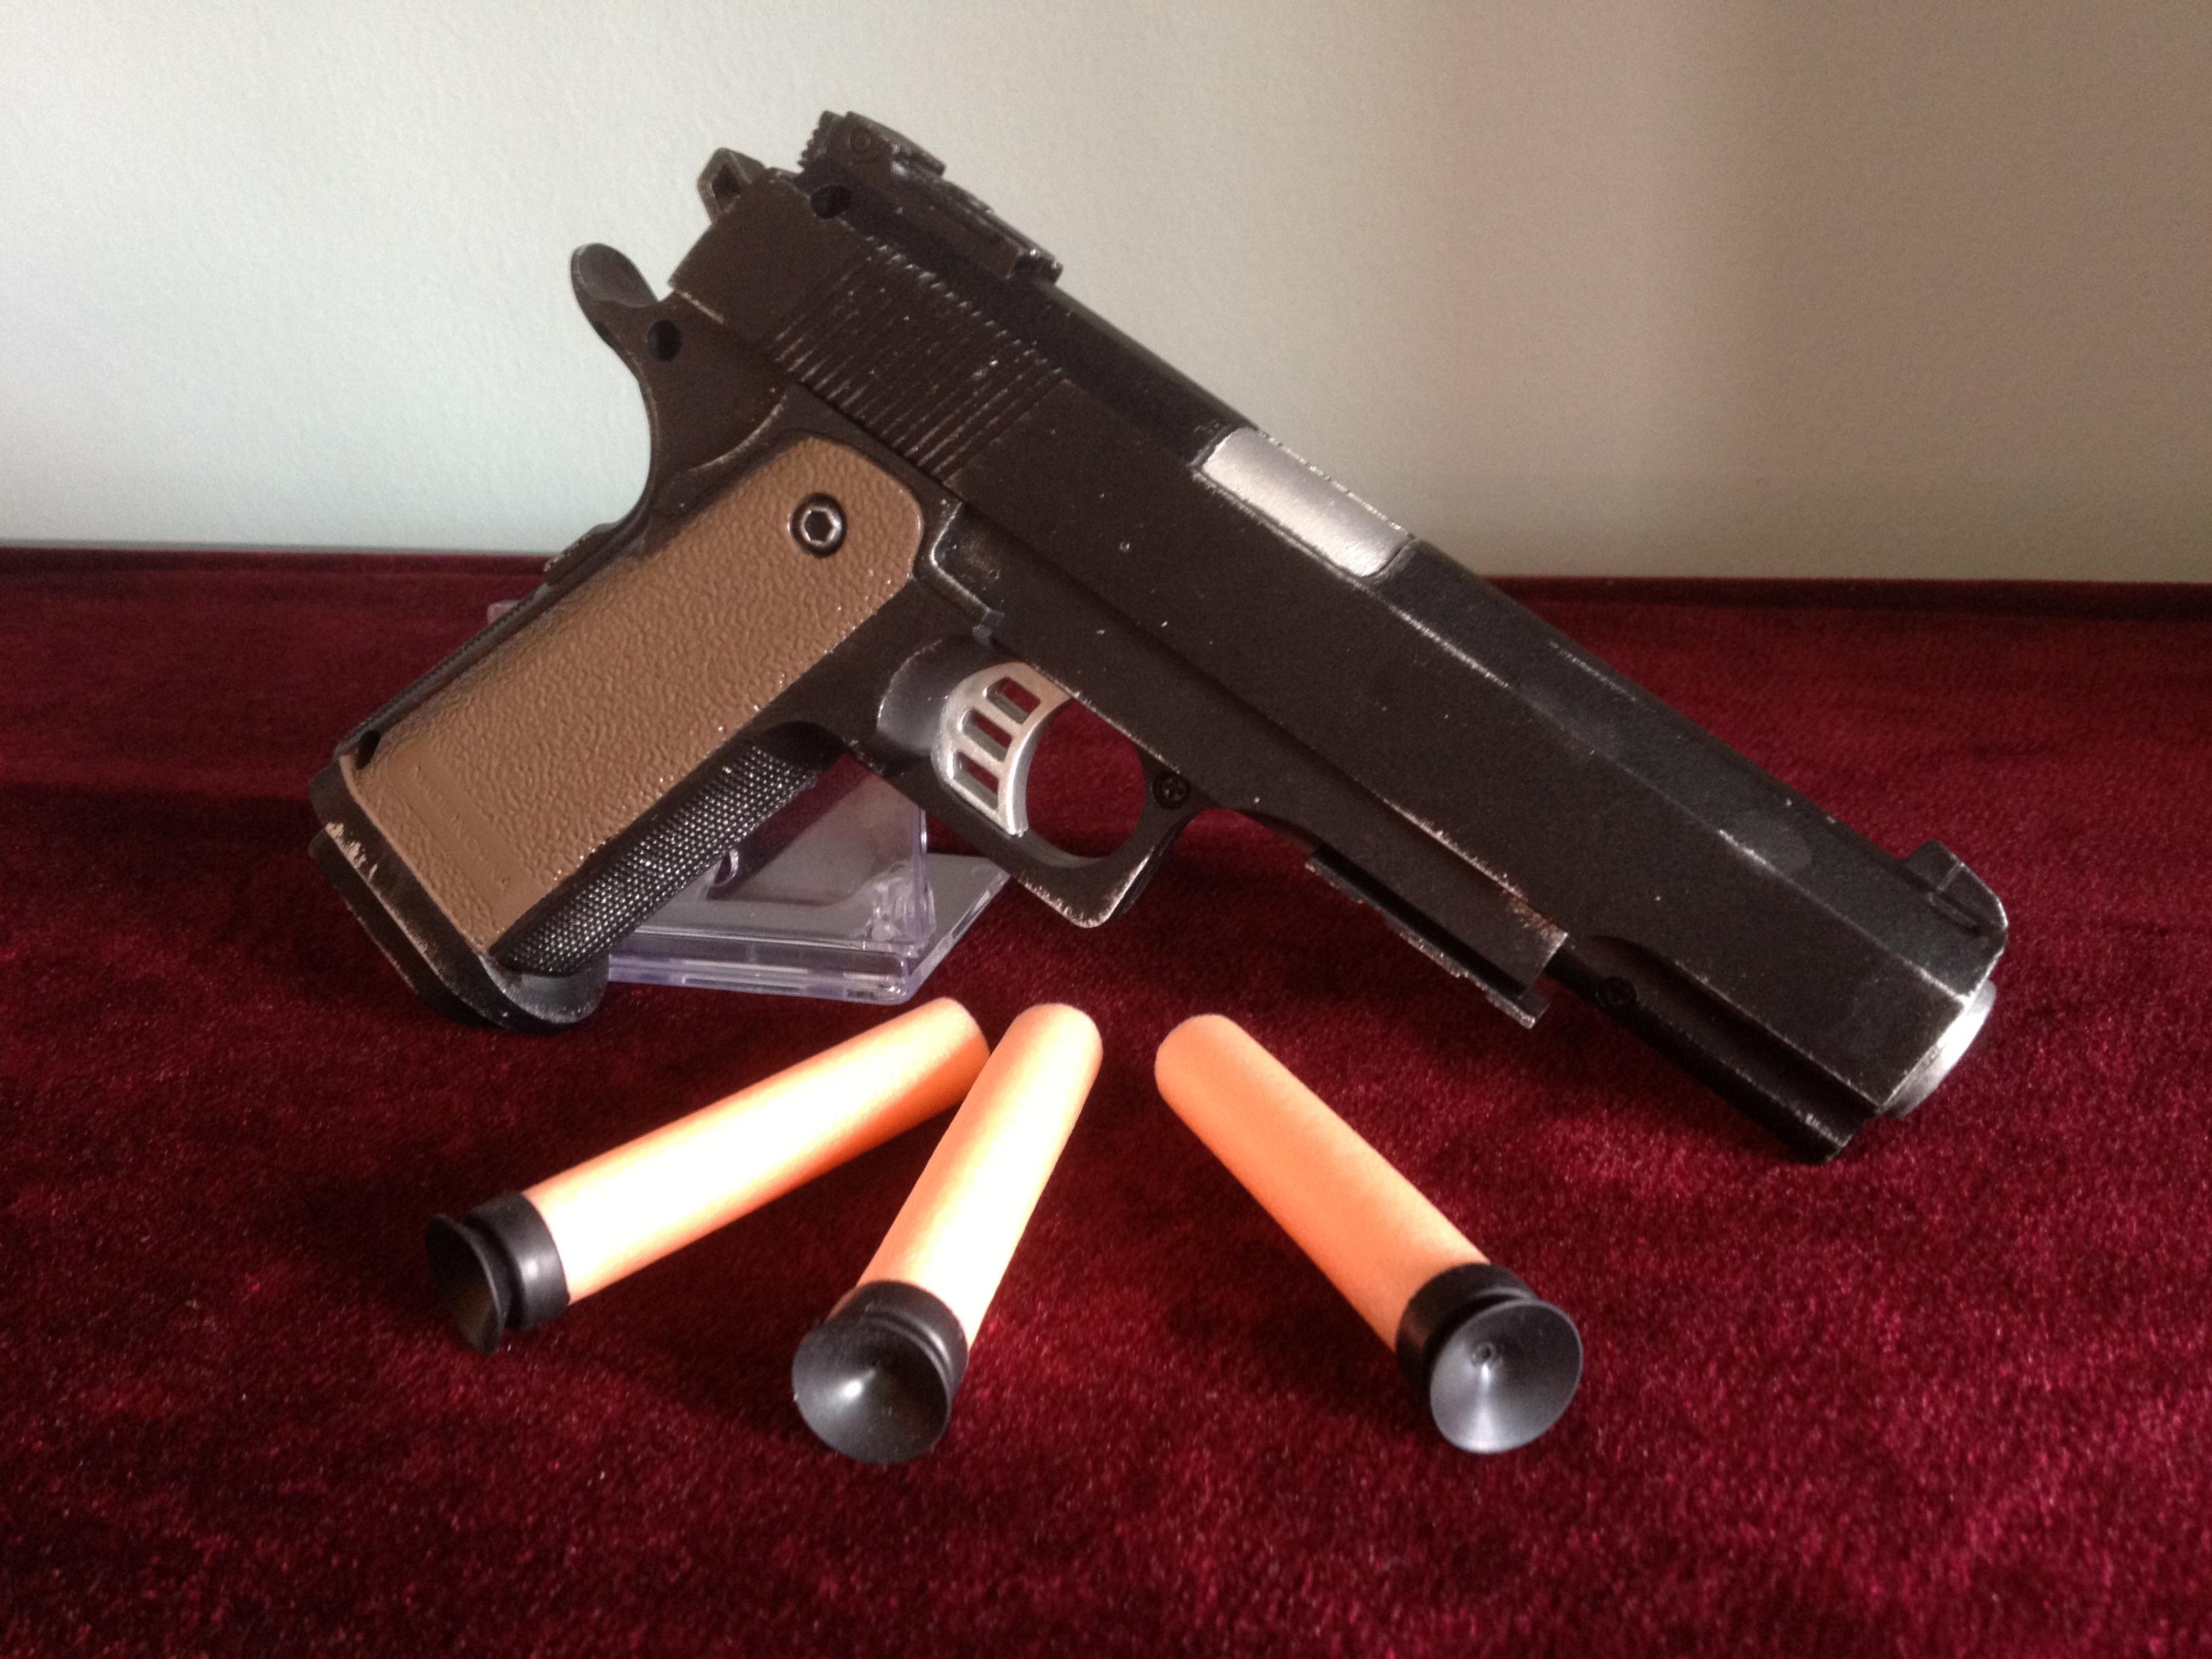 Nerf 1911 Pistol by Gavinlimkj